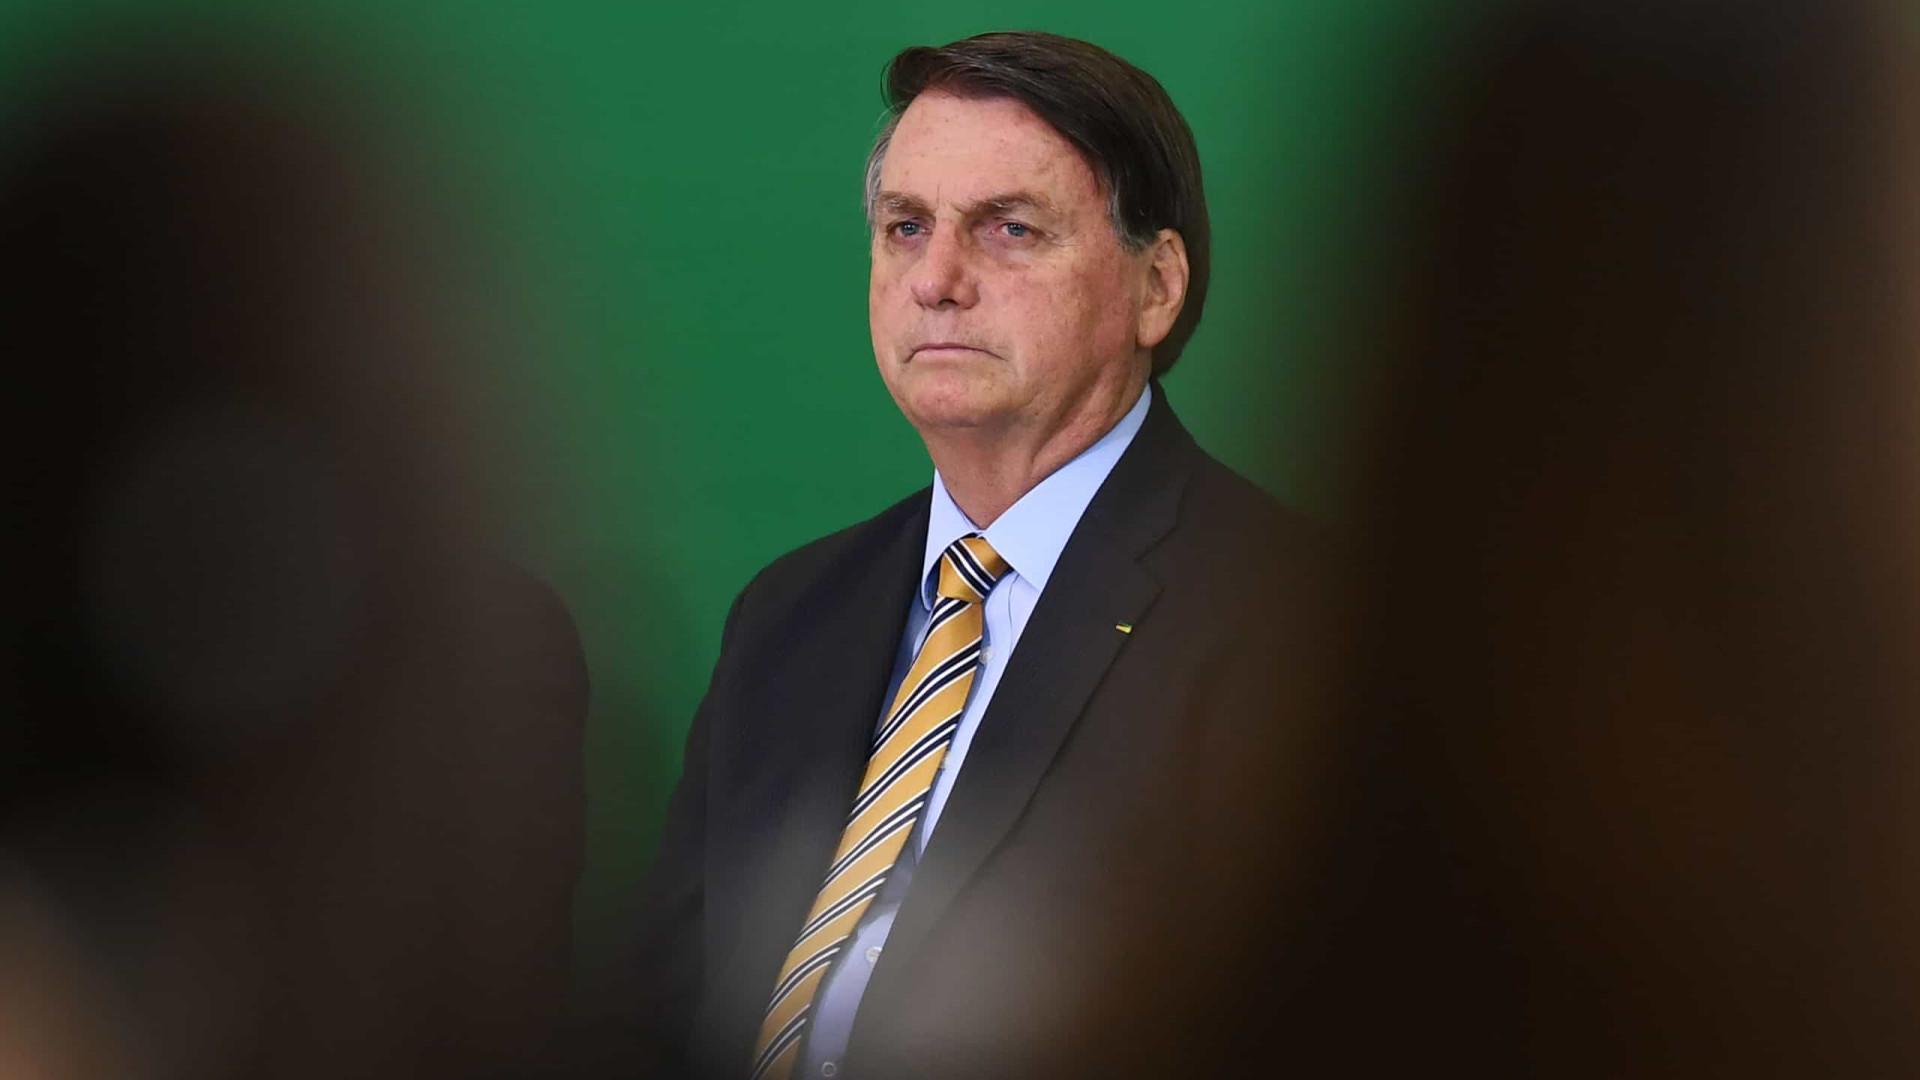 Após morte no Carrefour, Bolsonaro diz ser daltônico: 'todos têm a mesma cor'